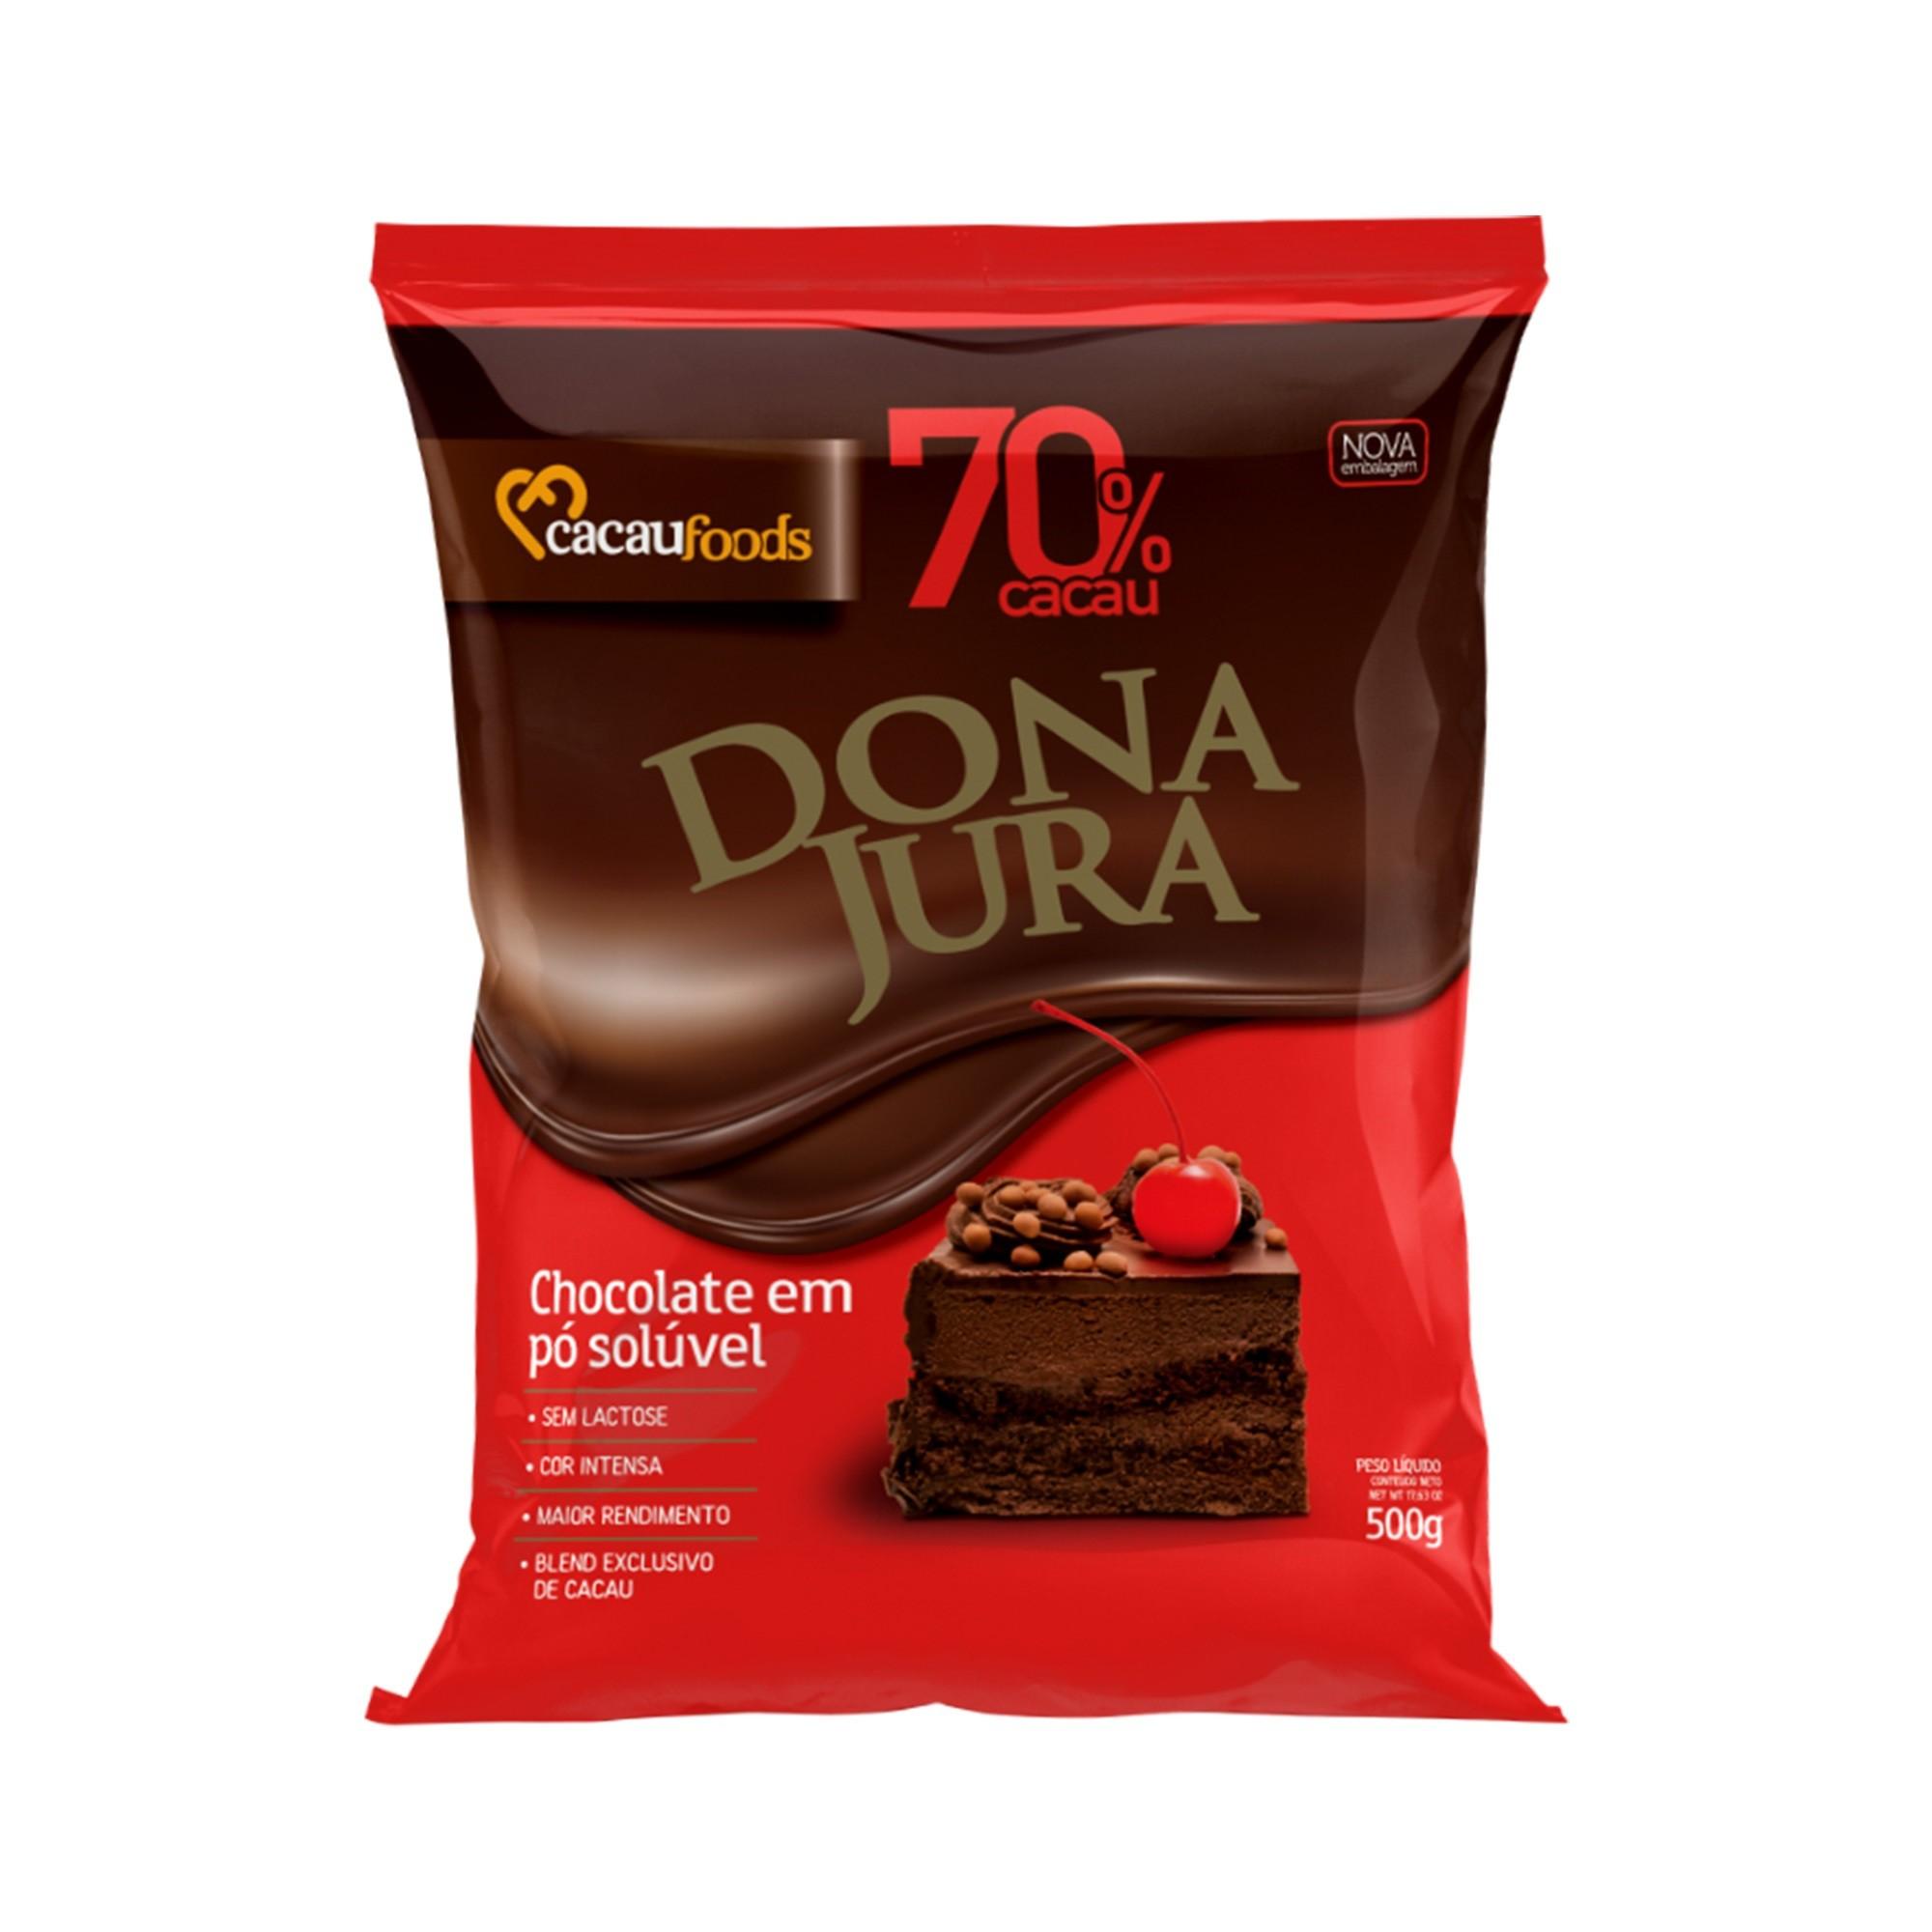 Chocolate em Pó Solúvel 70% Cacau 500g Dona Jura